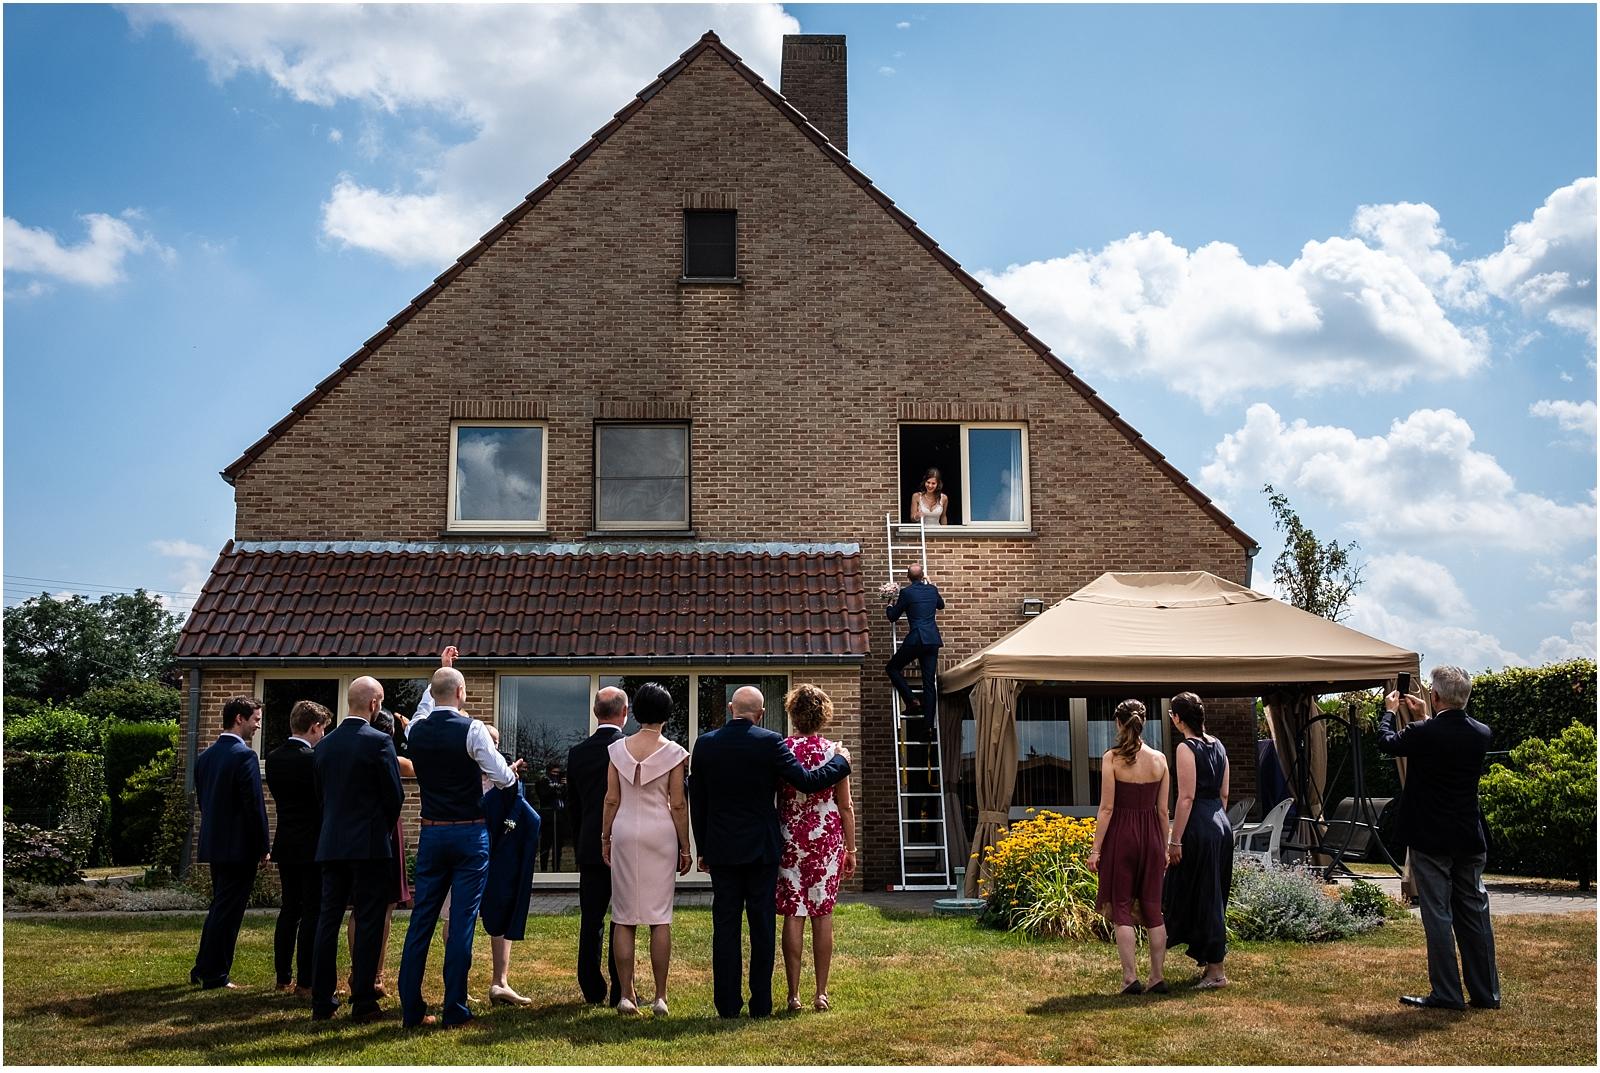 Huwelijksfotograaf Fonteinhof // Ines en Wouter